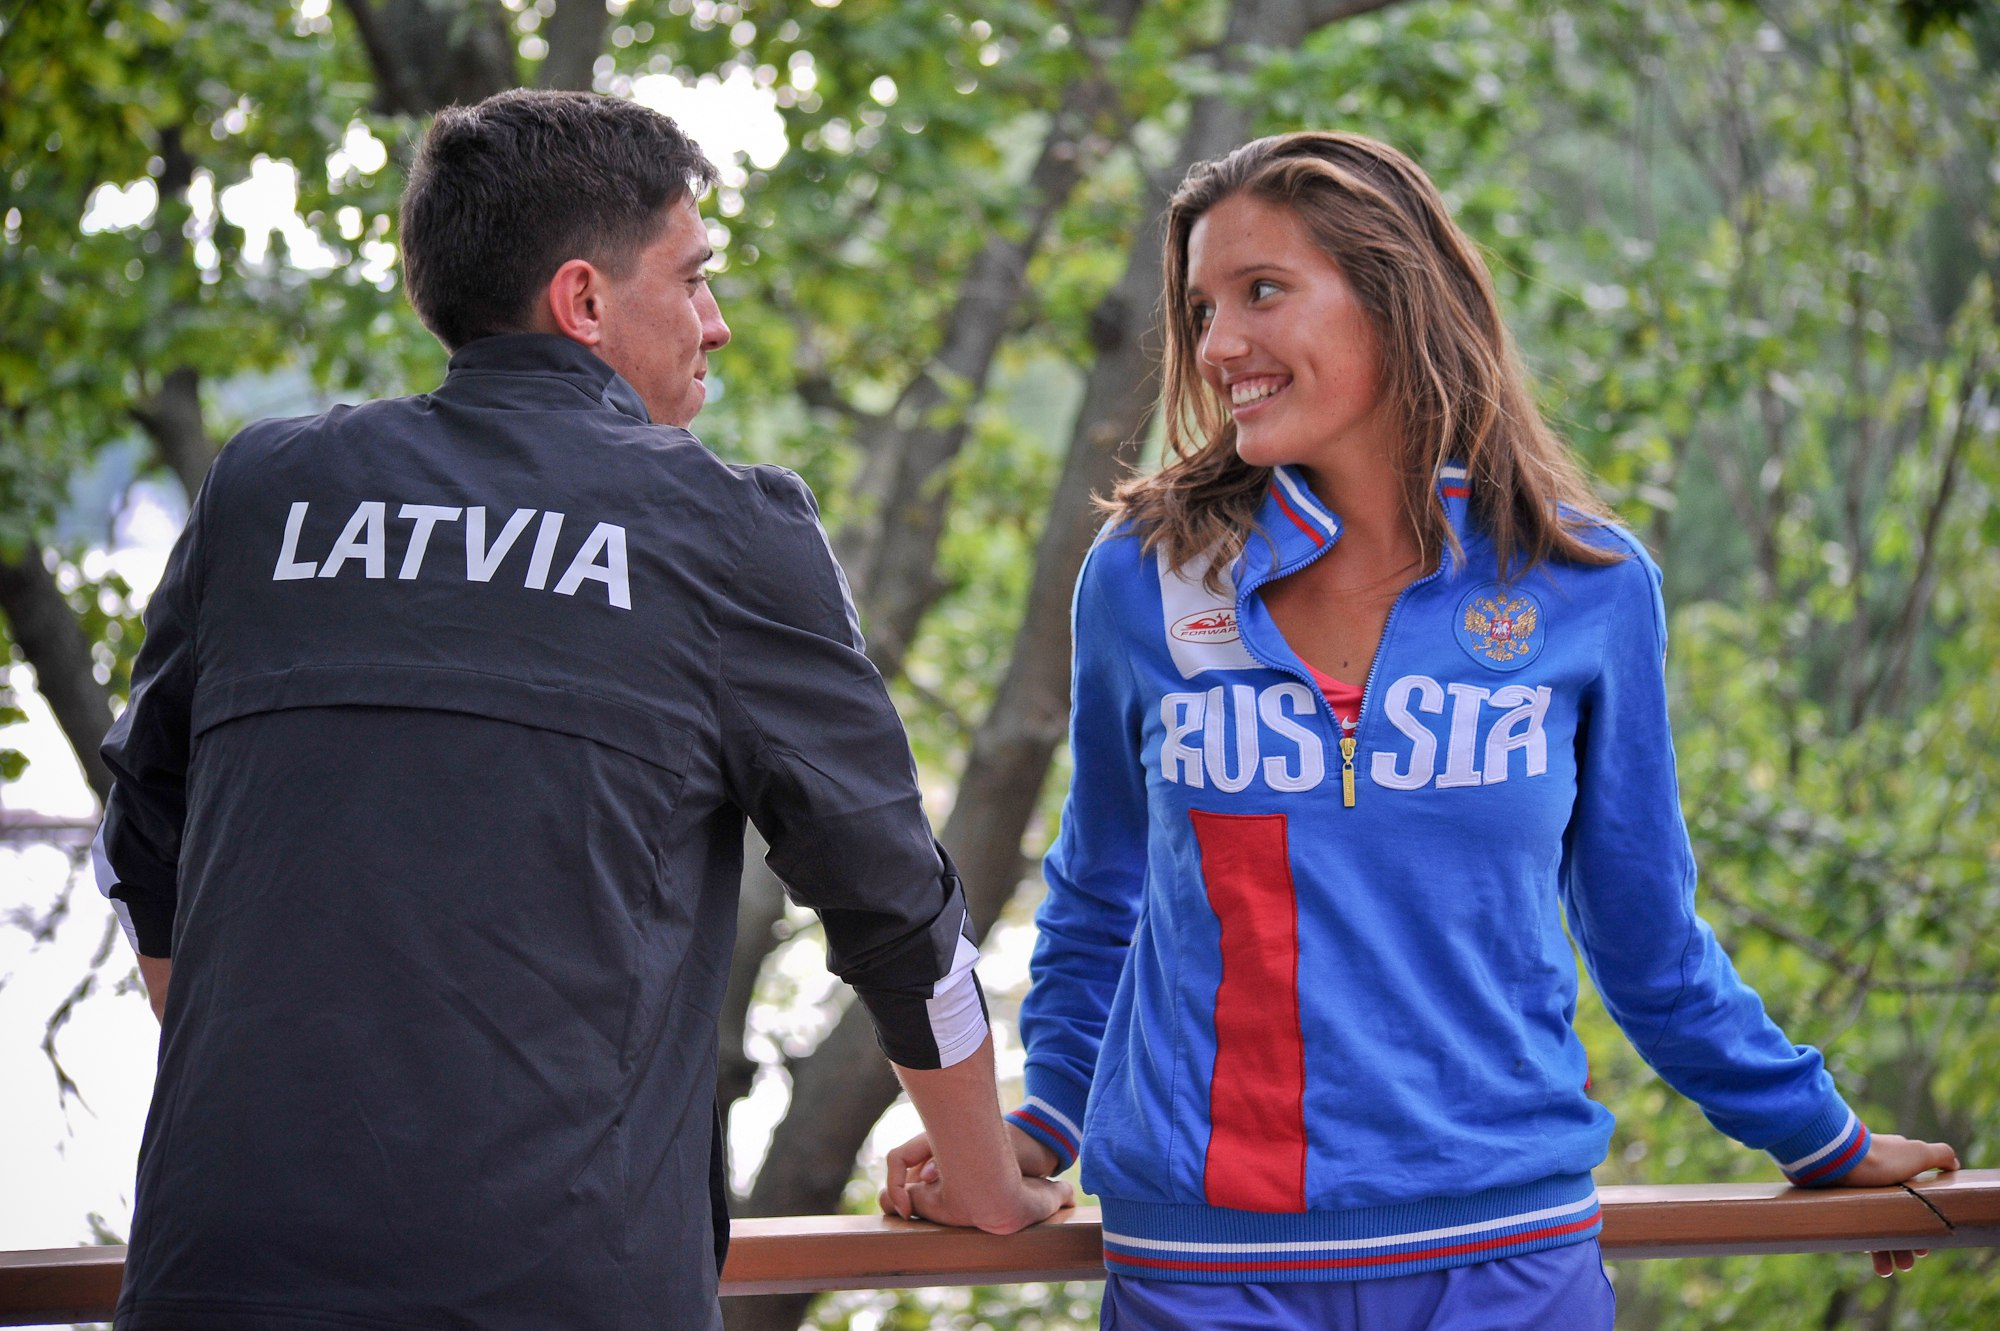 Латвия и Россия